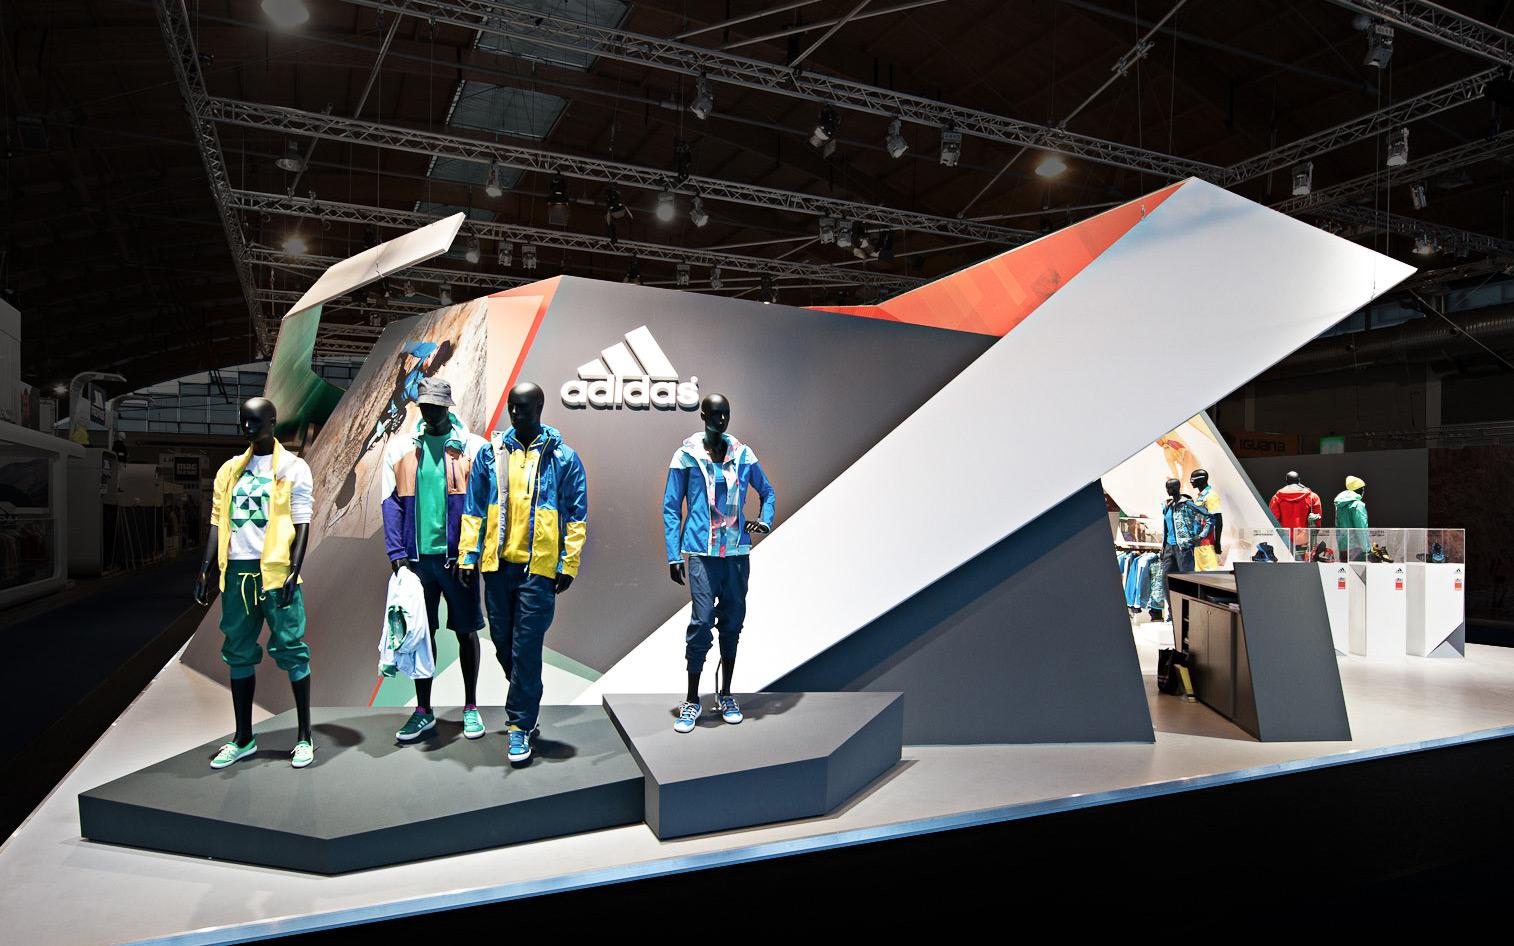 sh_adidasod2012_02_fullscreen